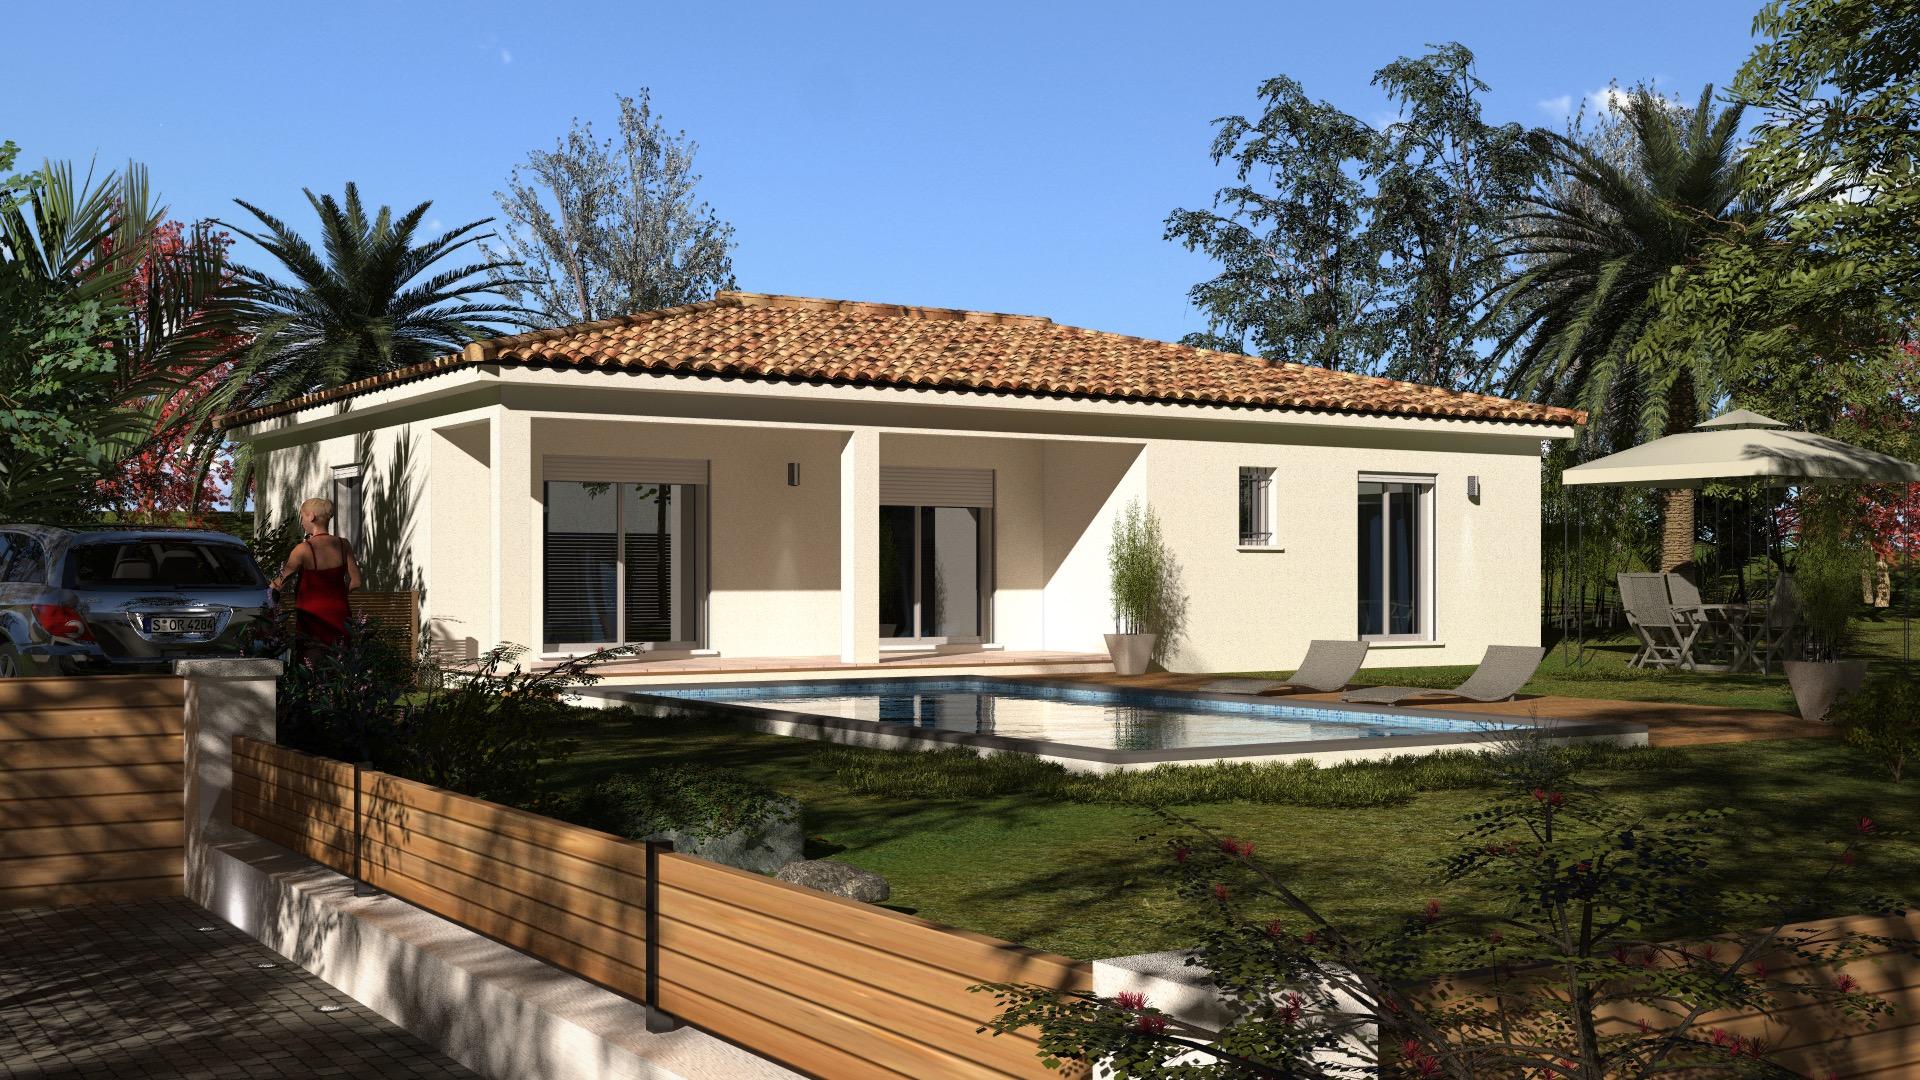 maisons prestige maison et villa with maisons prestige